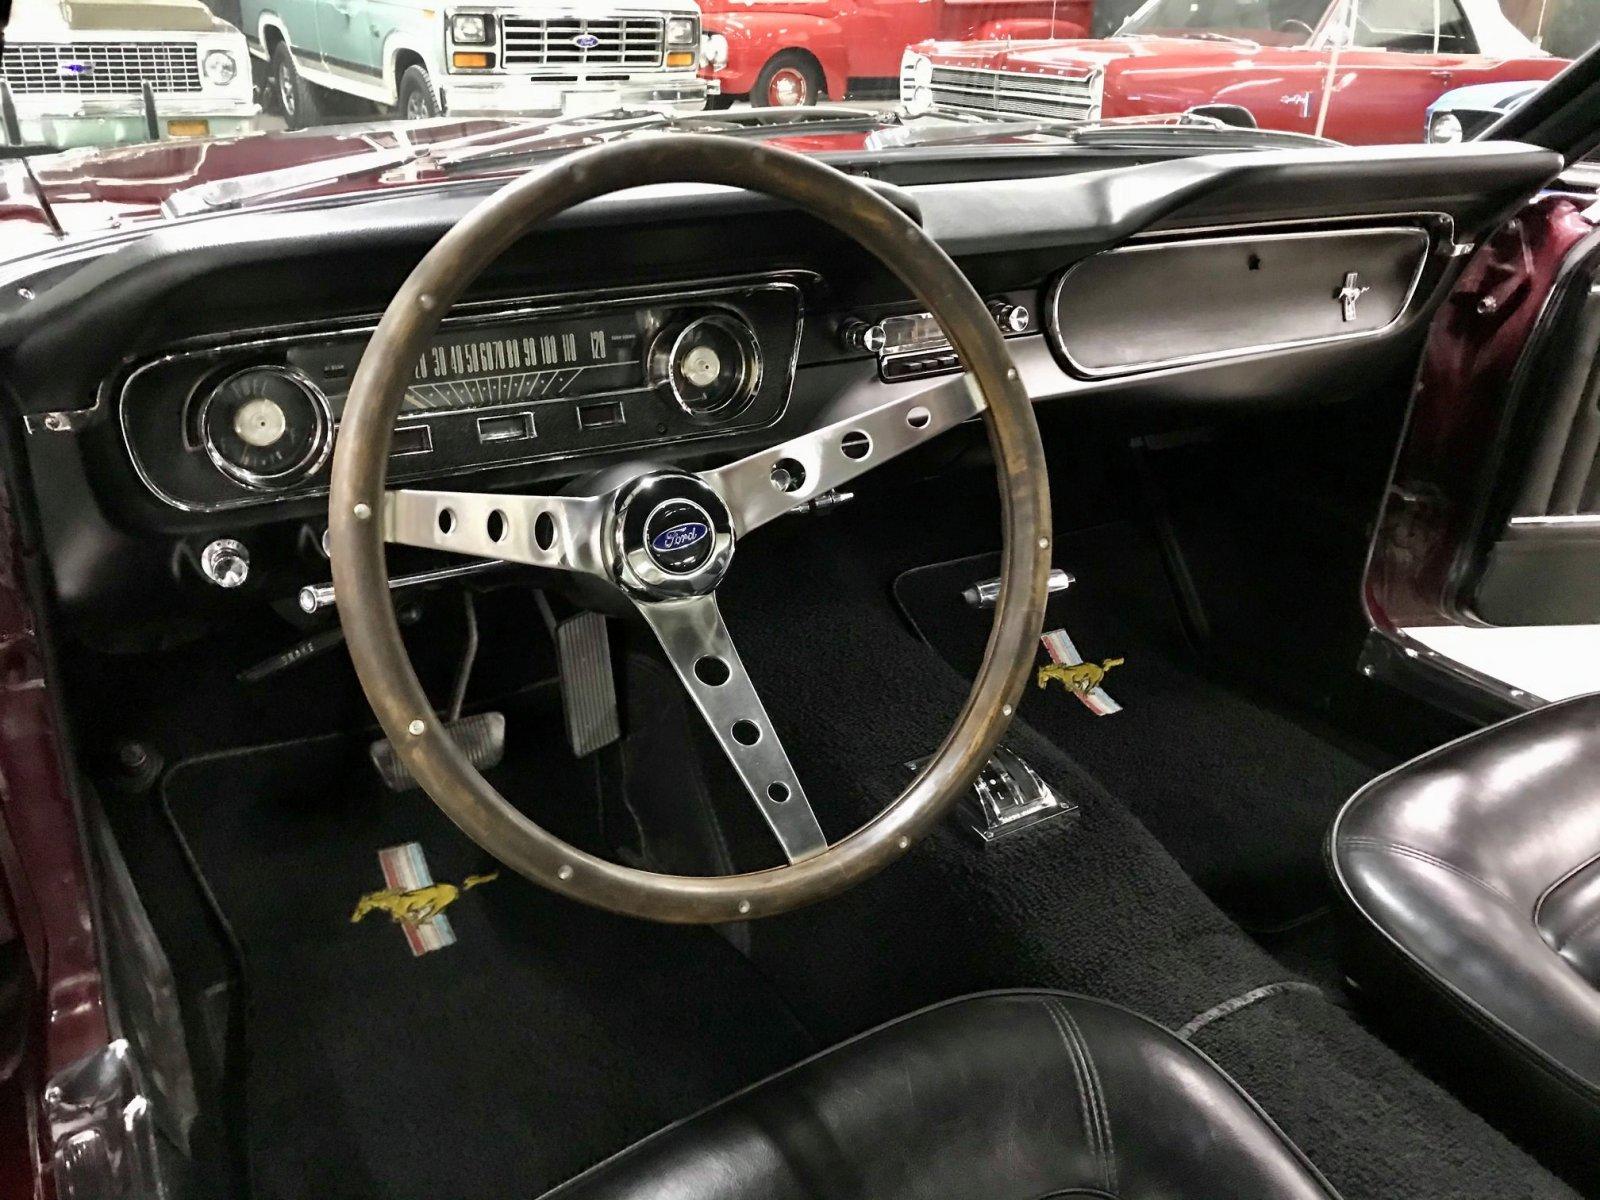 1965 FORD MUSTANG FASTBACK 289 V8 VINTAGE BURGUNDY 7.jpg